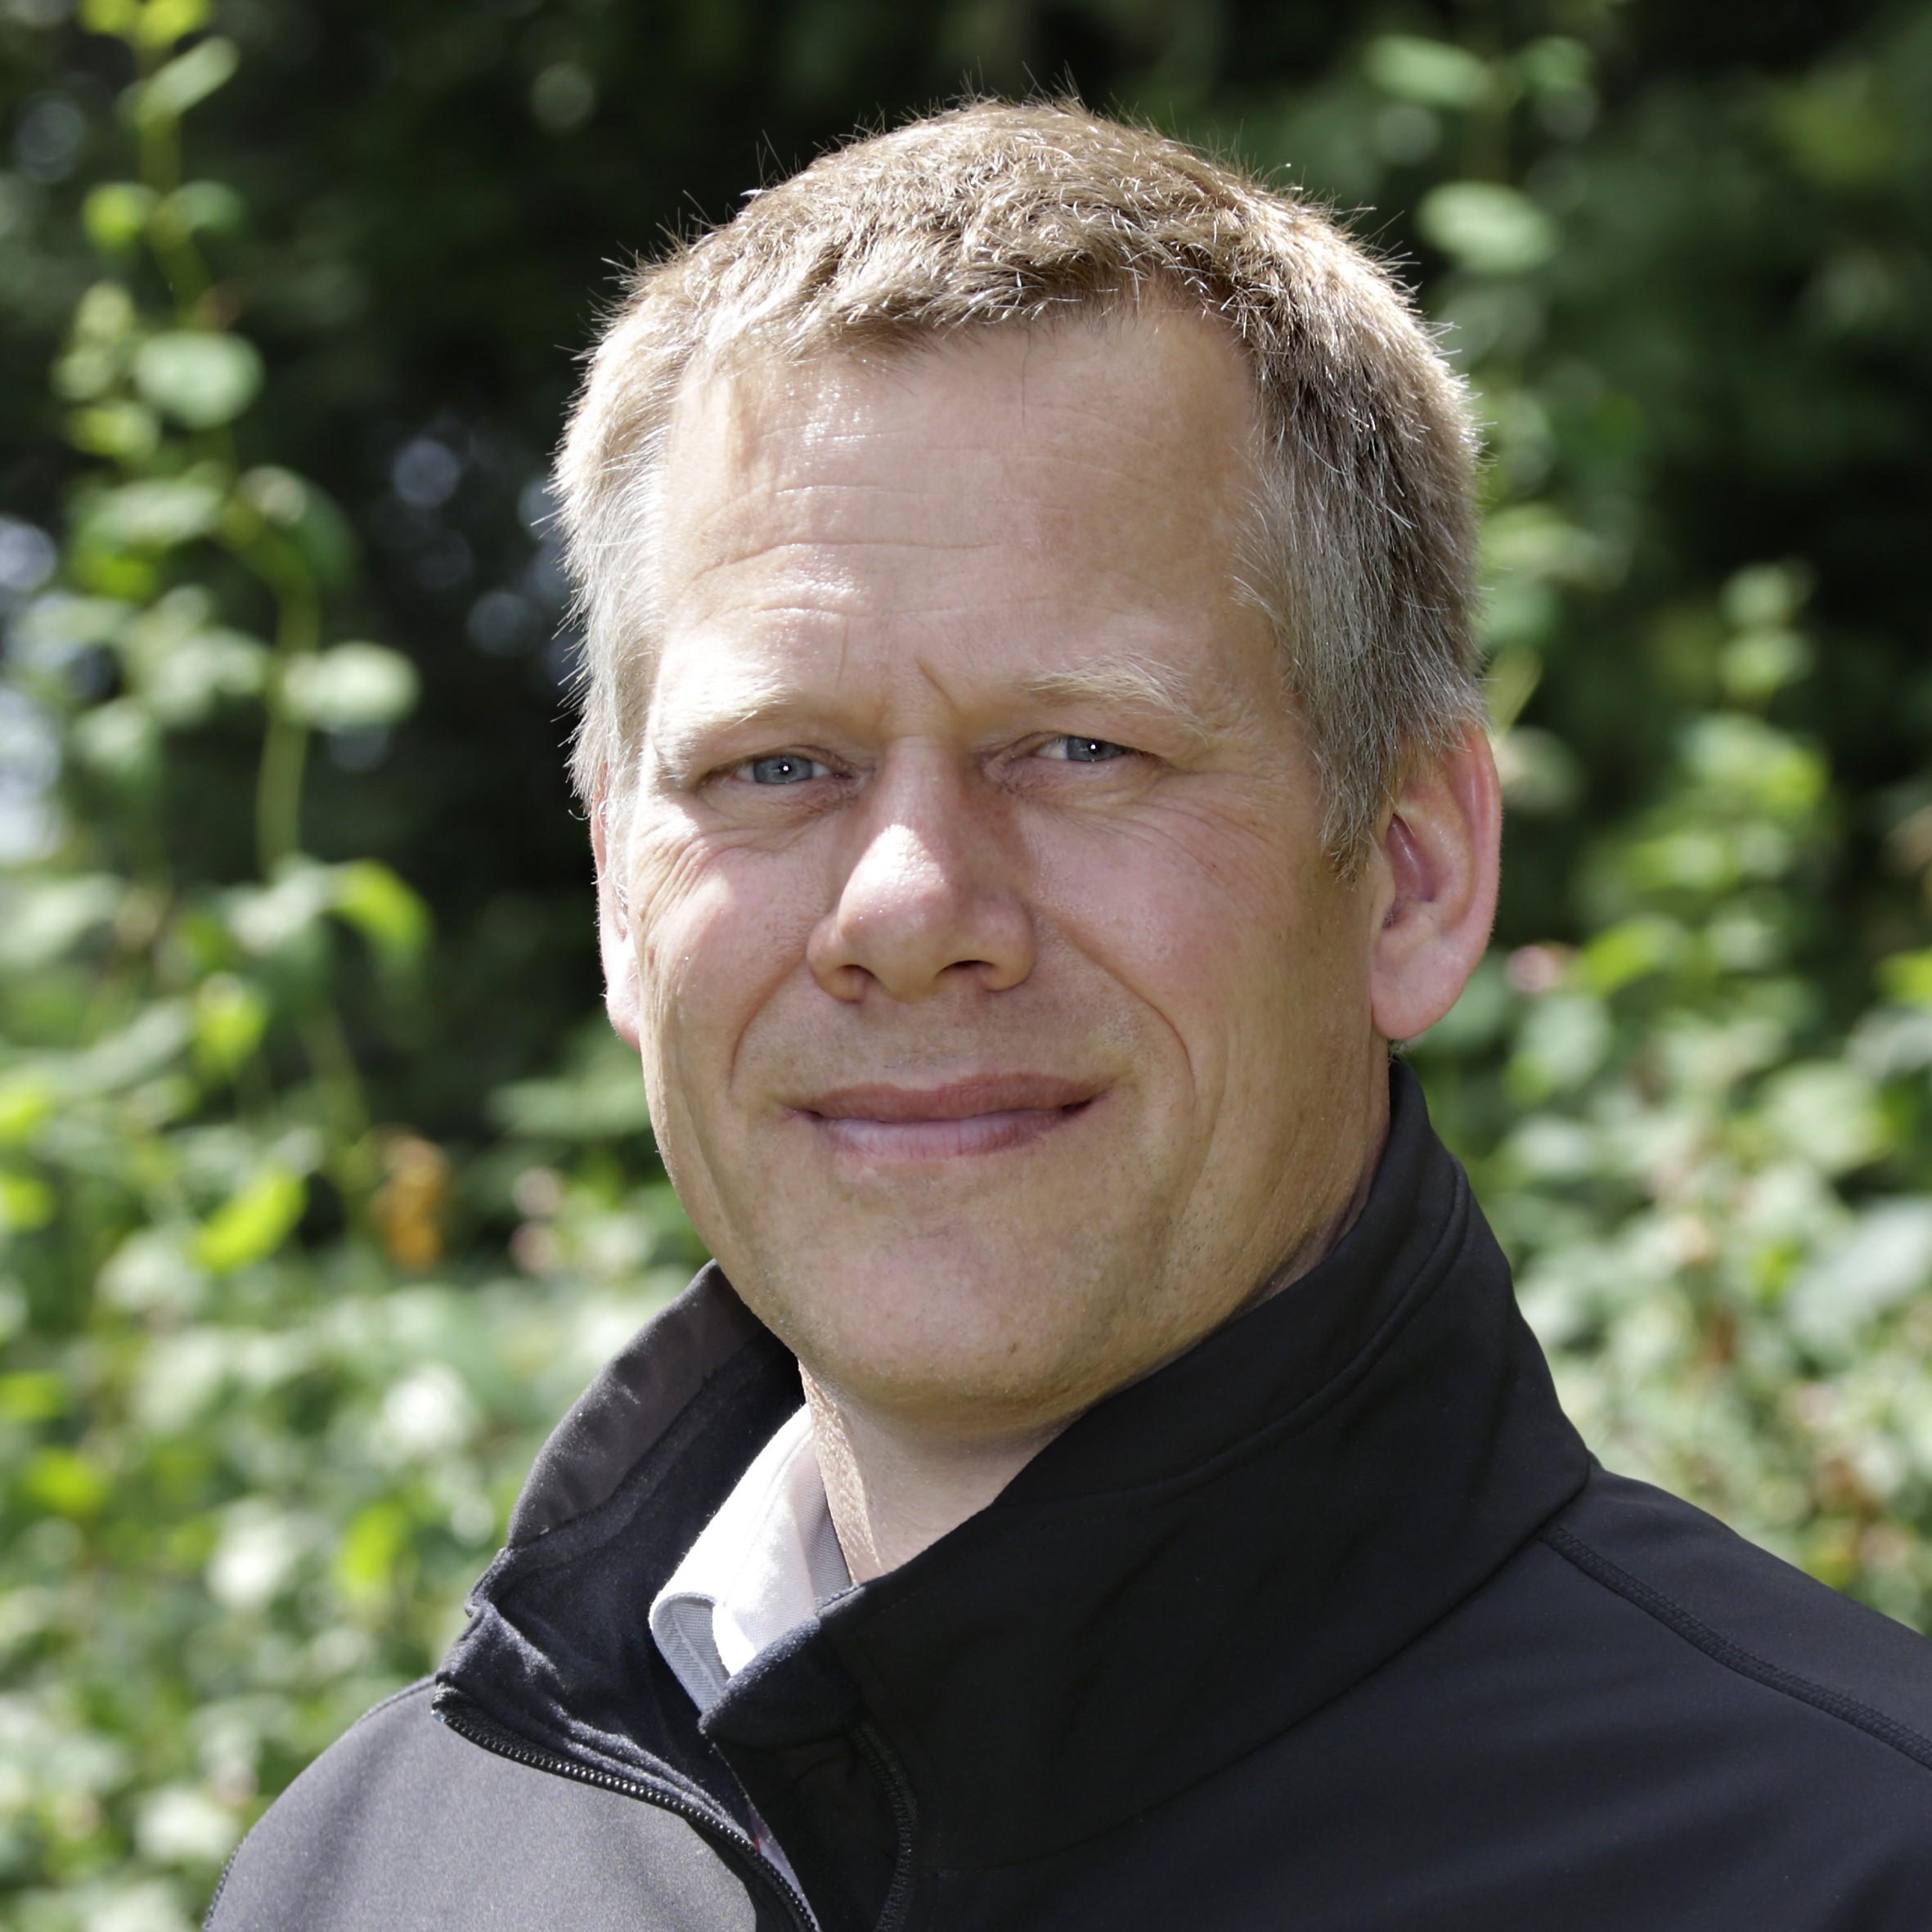 Birger Hartmann